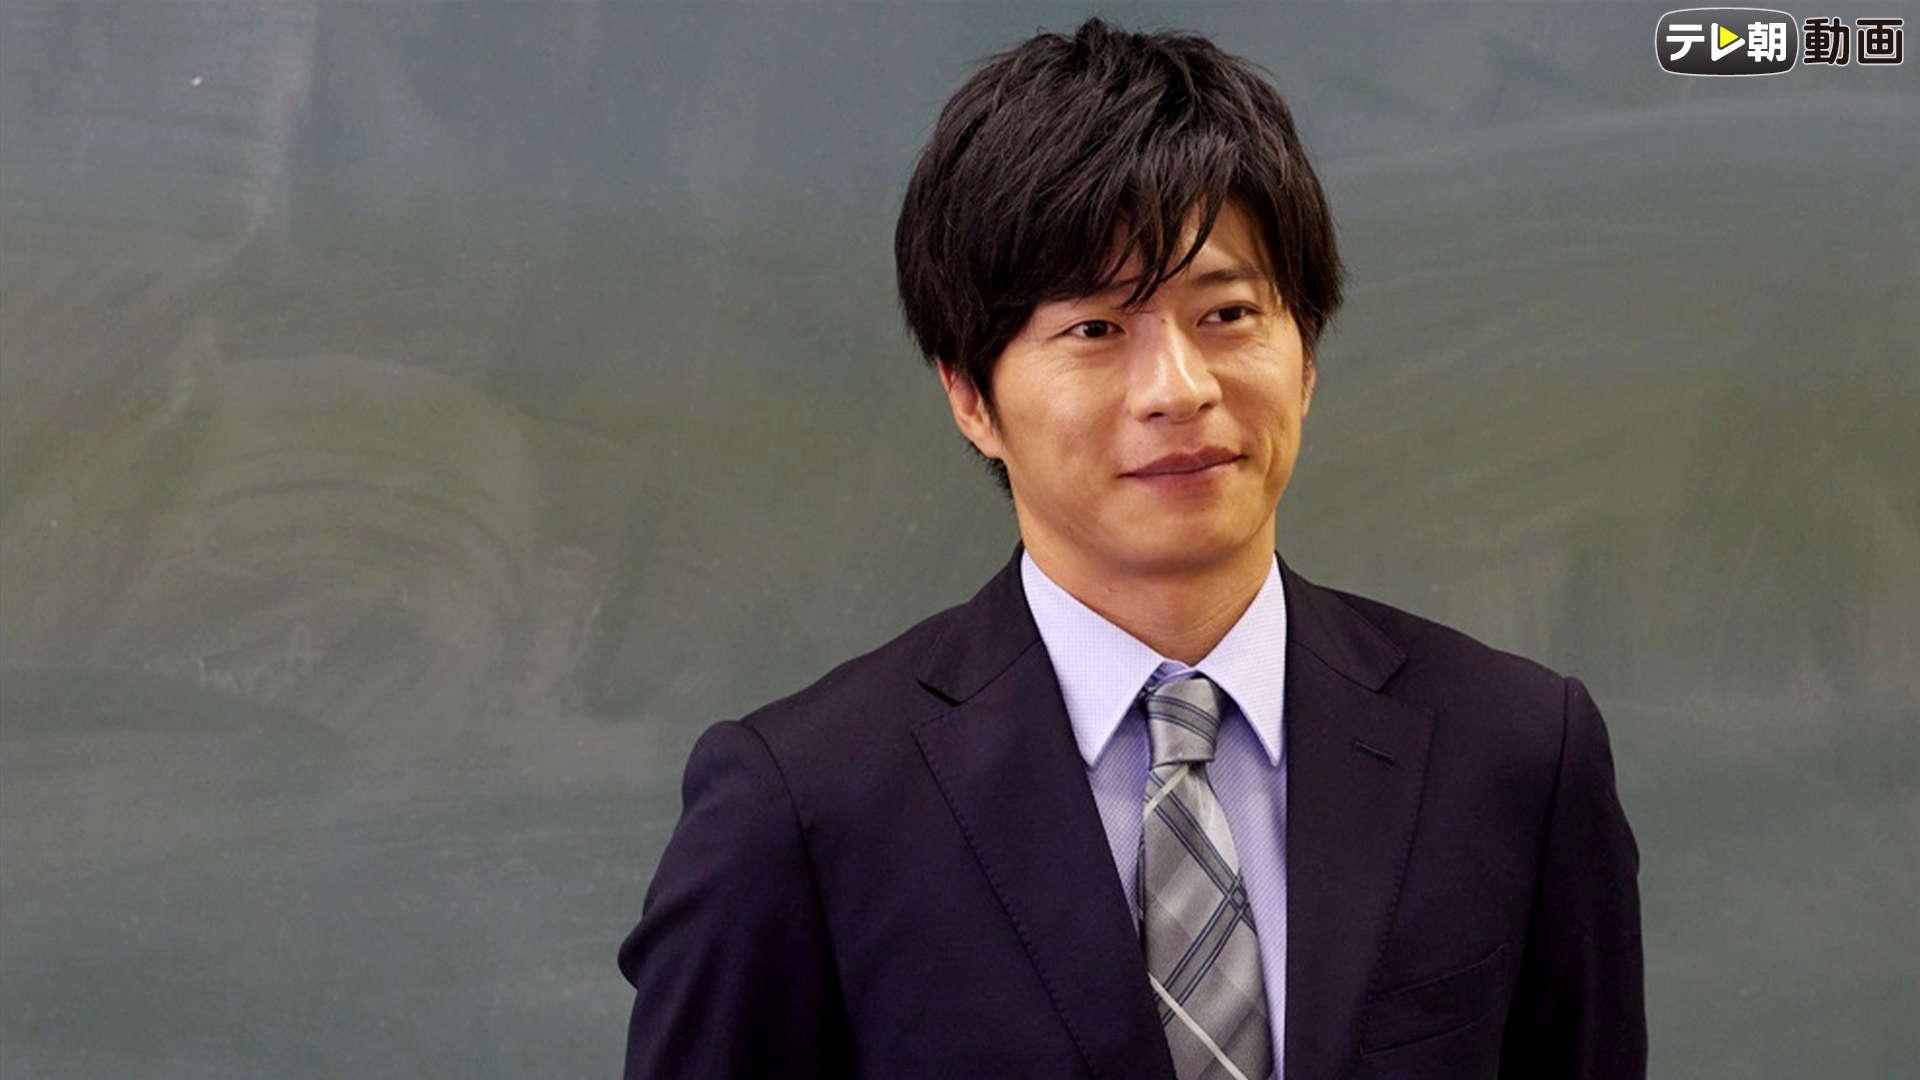 ドラマ『らせんの迷宮』田中圭、安田顕、倉科カナの出演作品をご紹介!